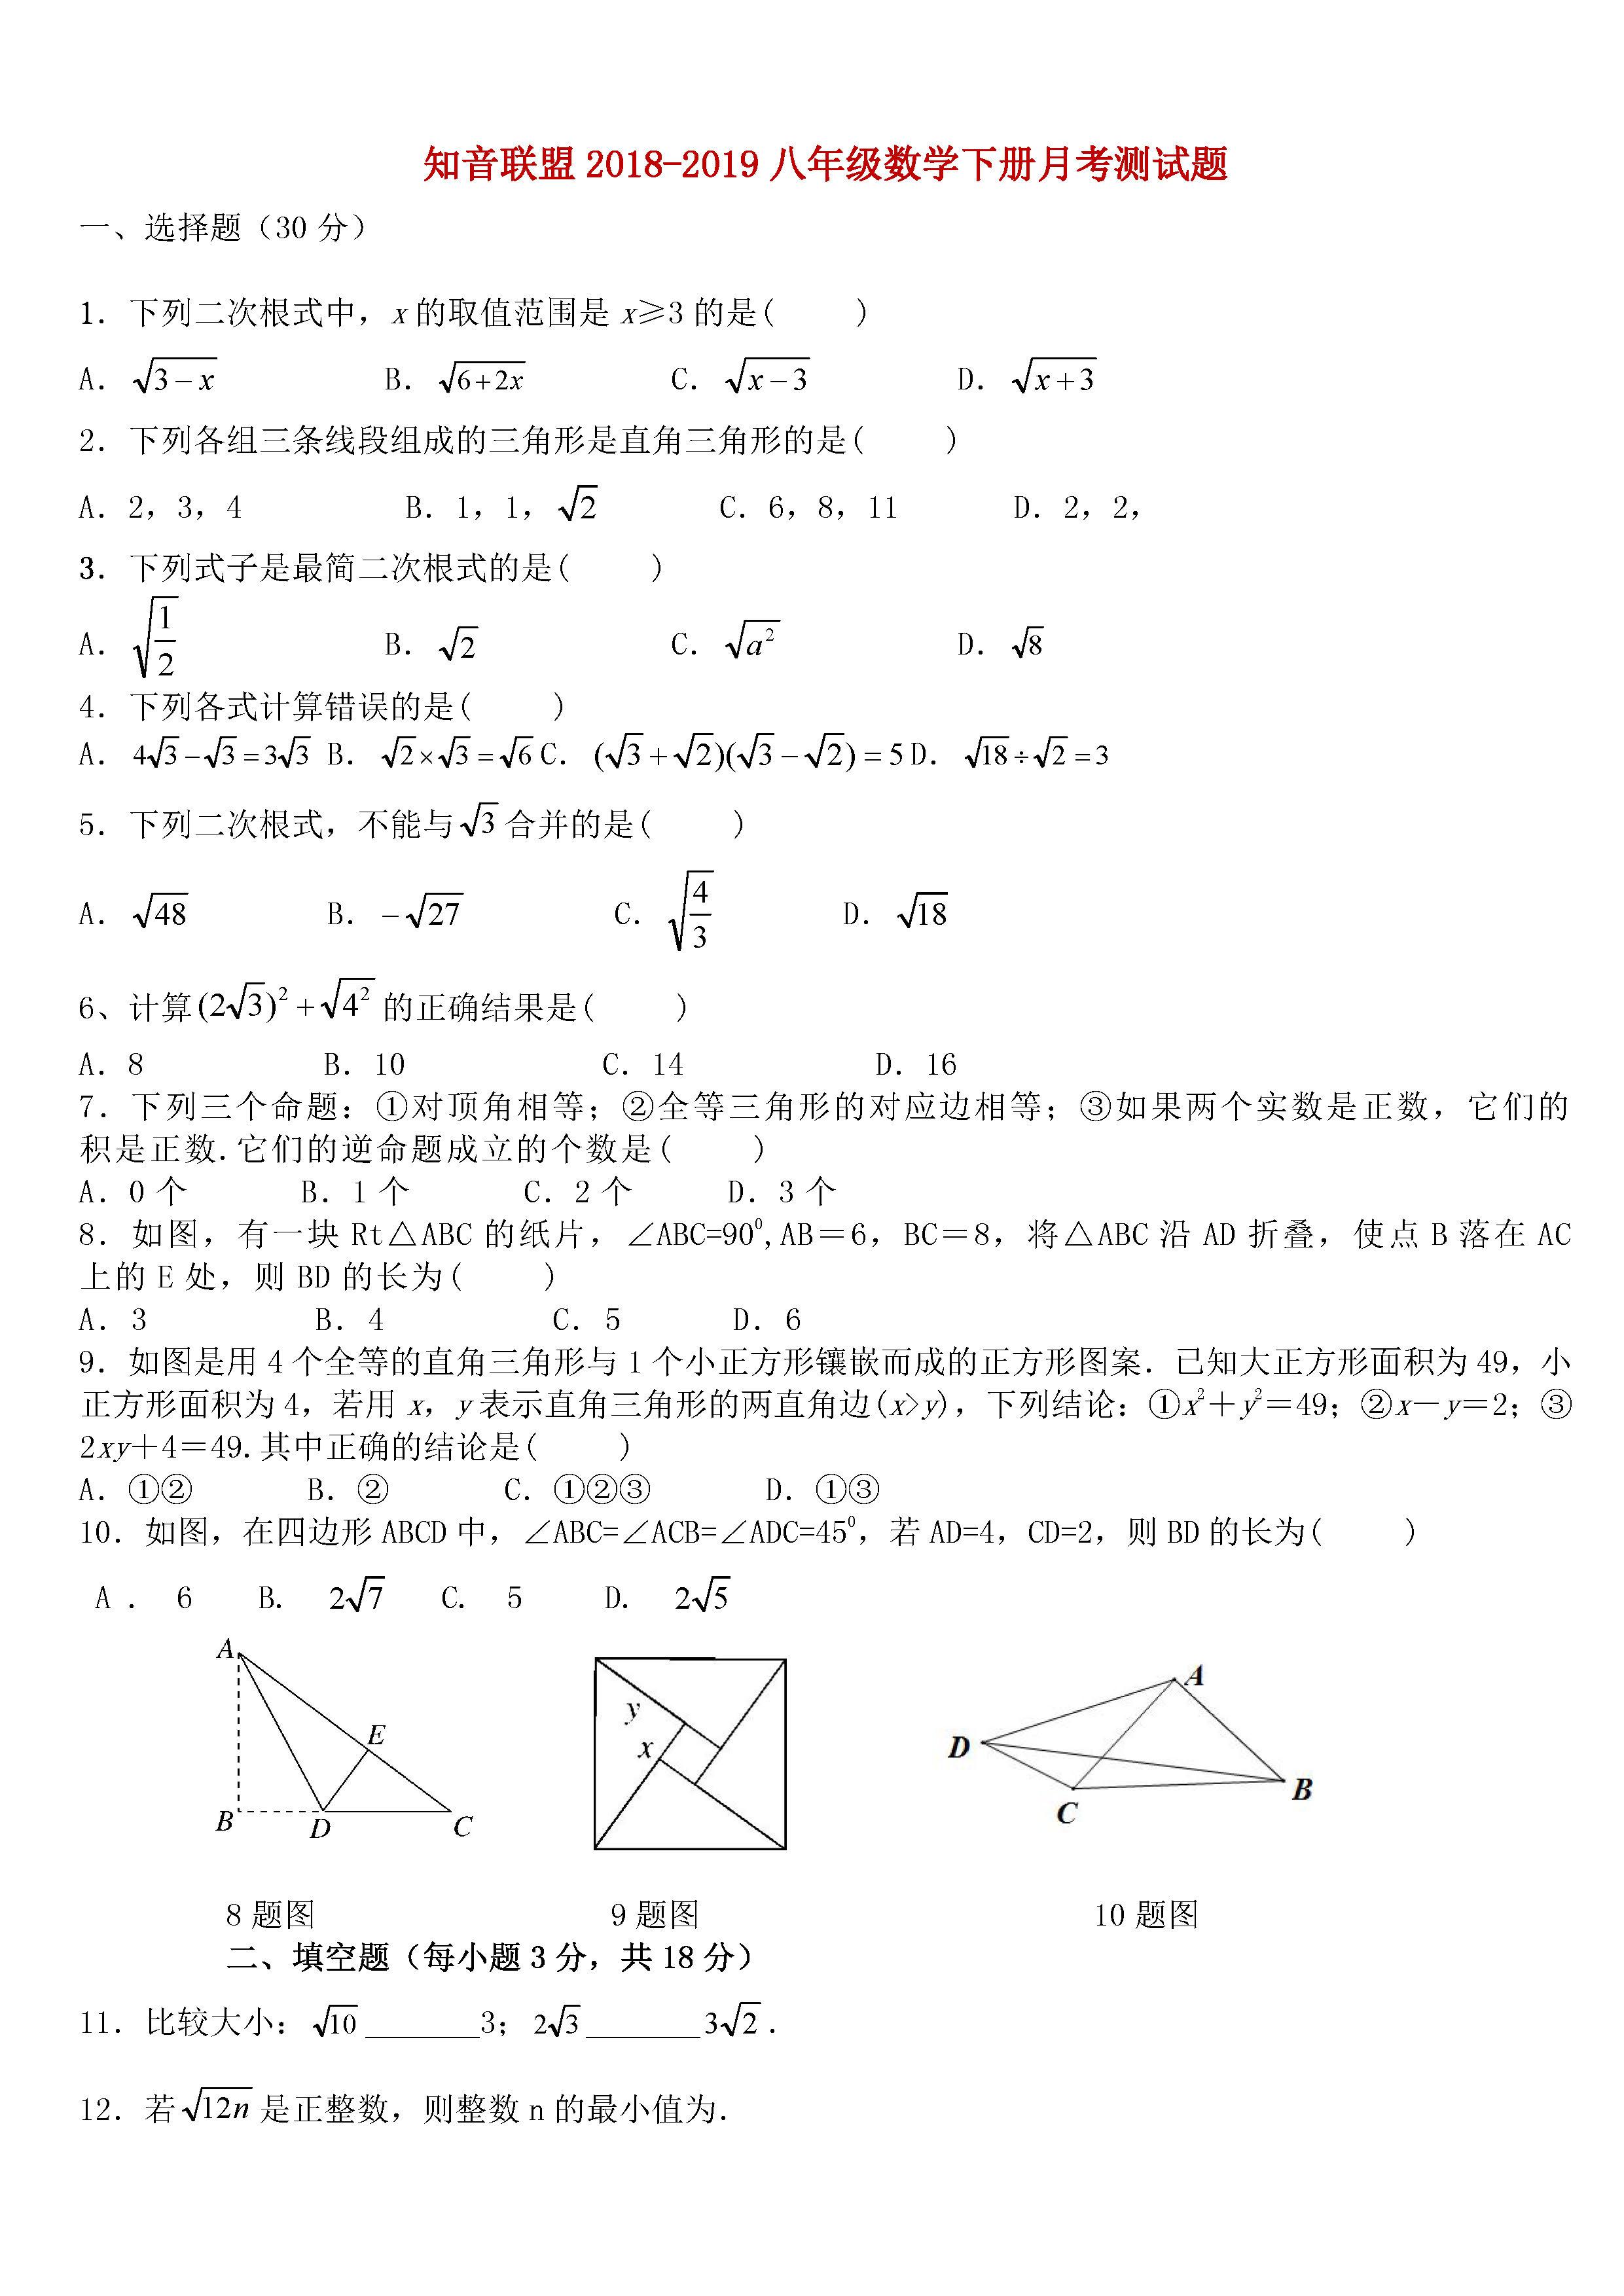 2018-2019八年级数学下册月考测试题及答案(知音联盟)